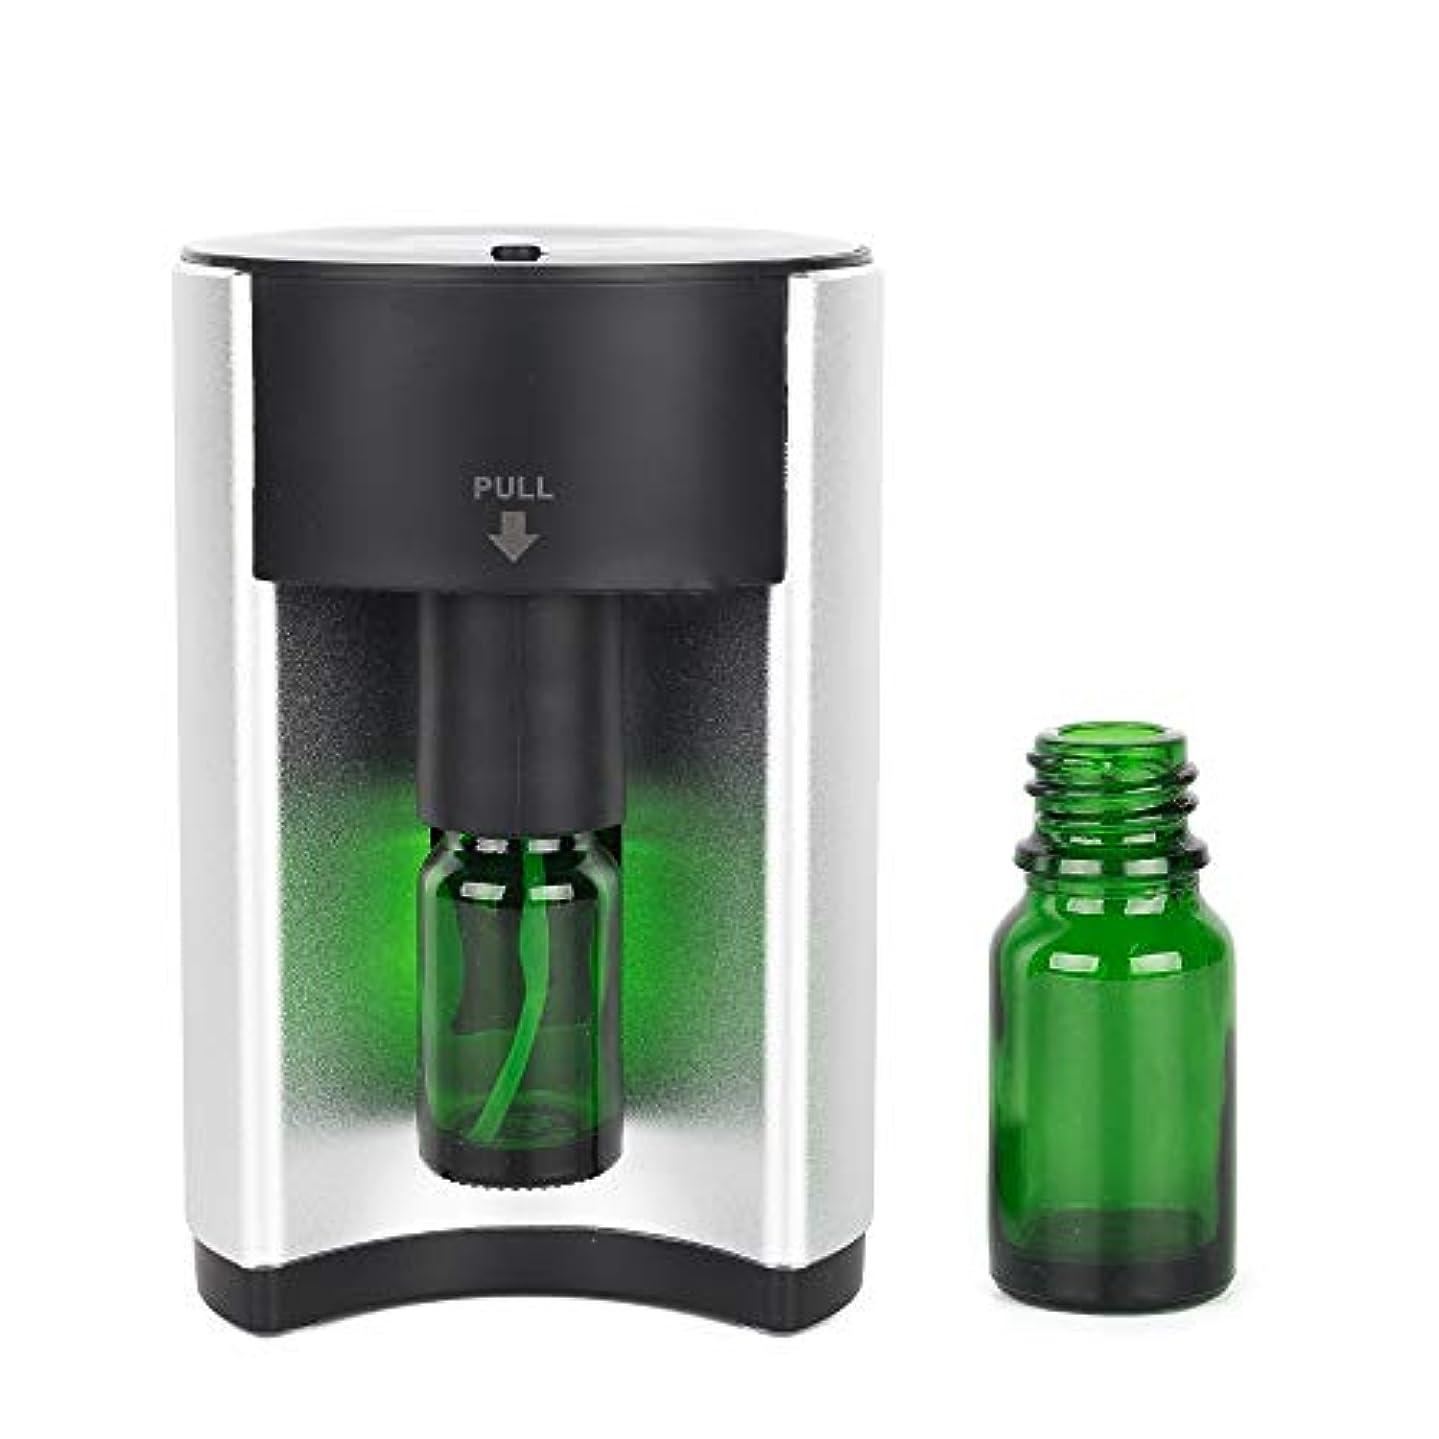 オアシス髄背が高いアロマディフューザー アロマ 芳香器 (GT-SH-S1)アロマオイル ネブライザー式 アロマポット usb コンセント 小型 香り おしゃれ 可愛い シンプル 軽量 卓上 シンプル スマート 水を使わない オイル別売り